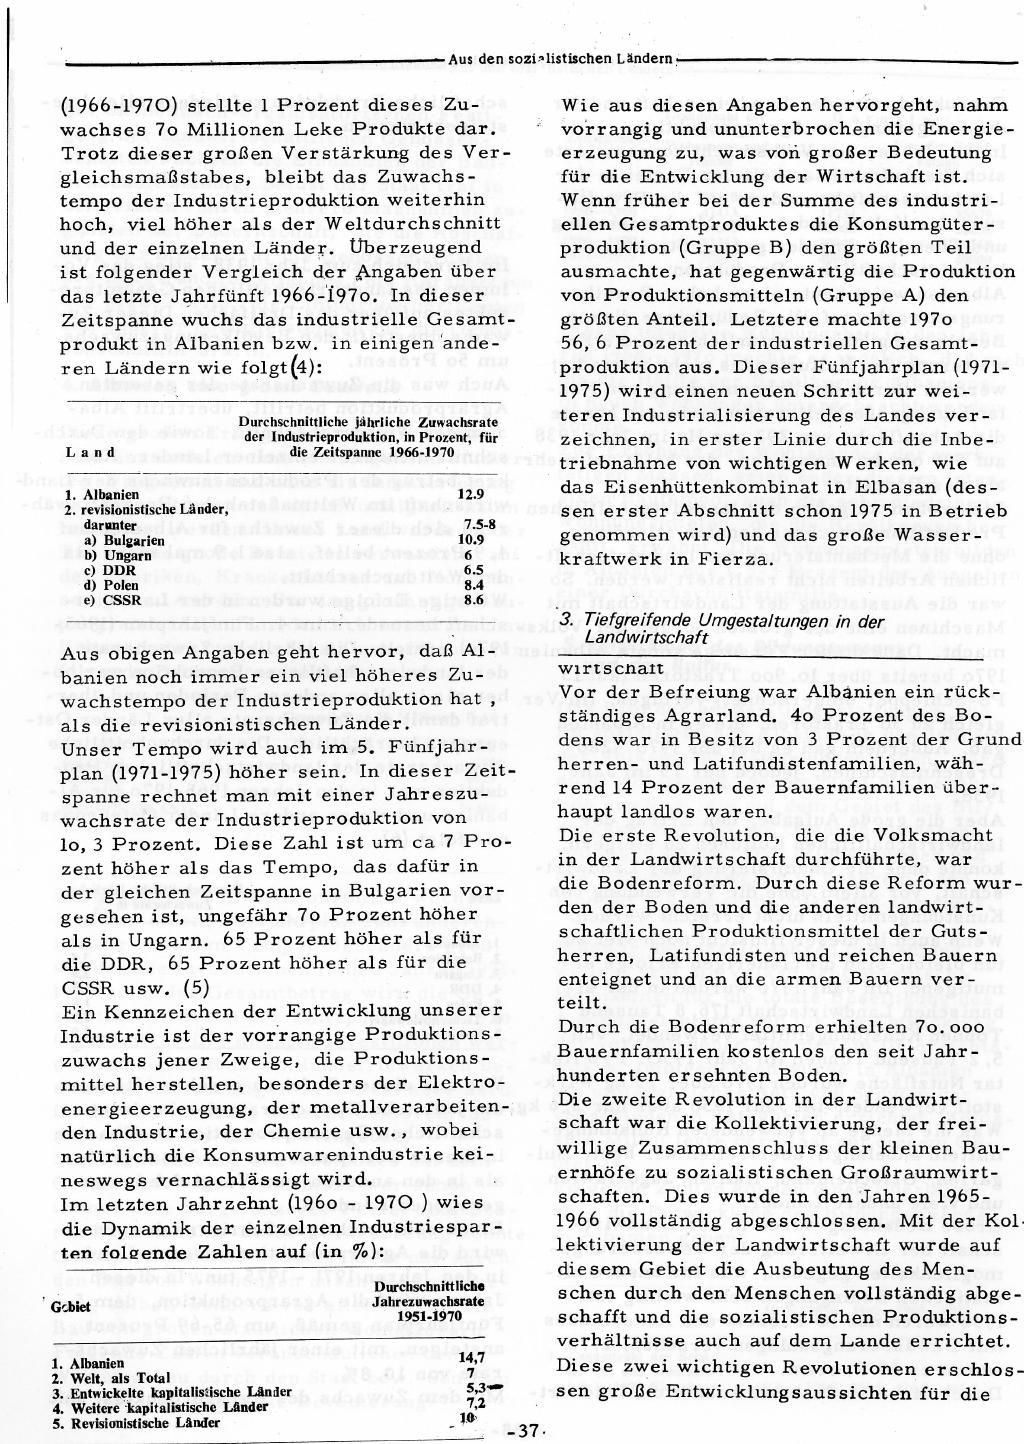 RPK_1973_032_033_37